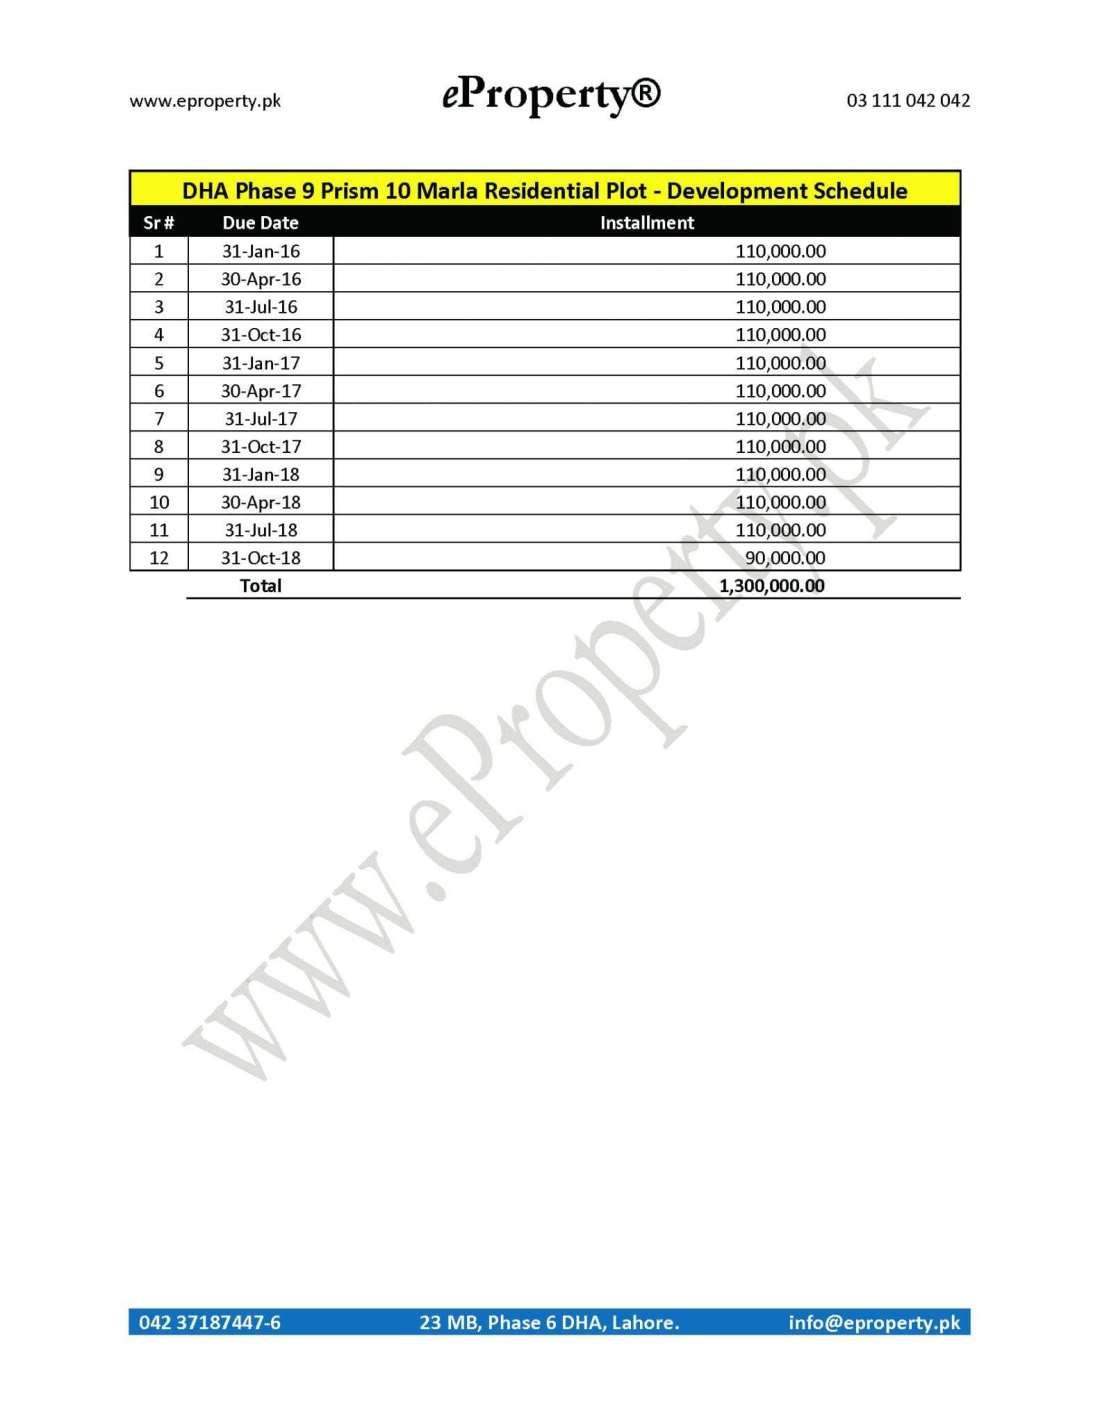 DHA Phase 9 Prism 10 Marla Plot Development Schedule